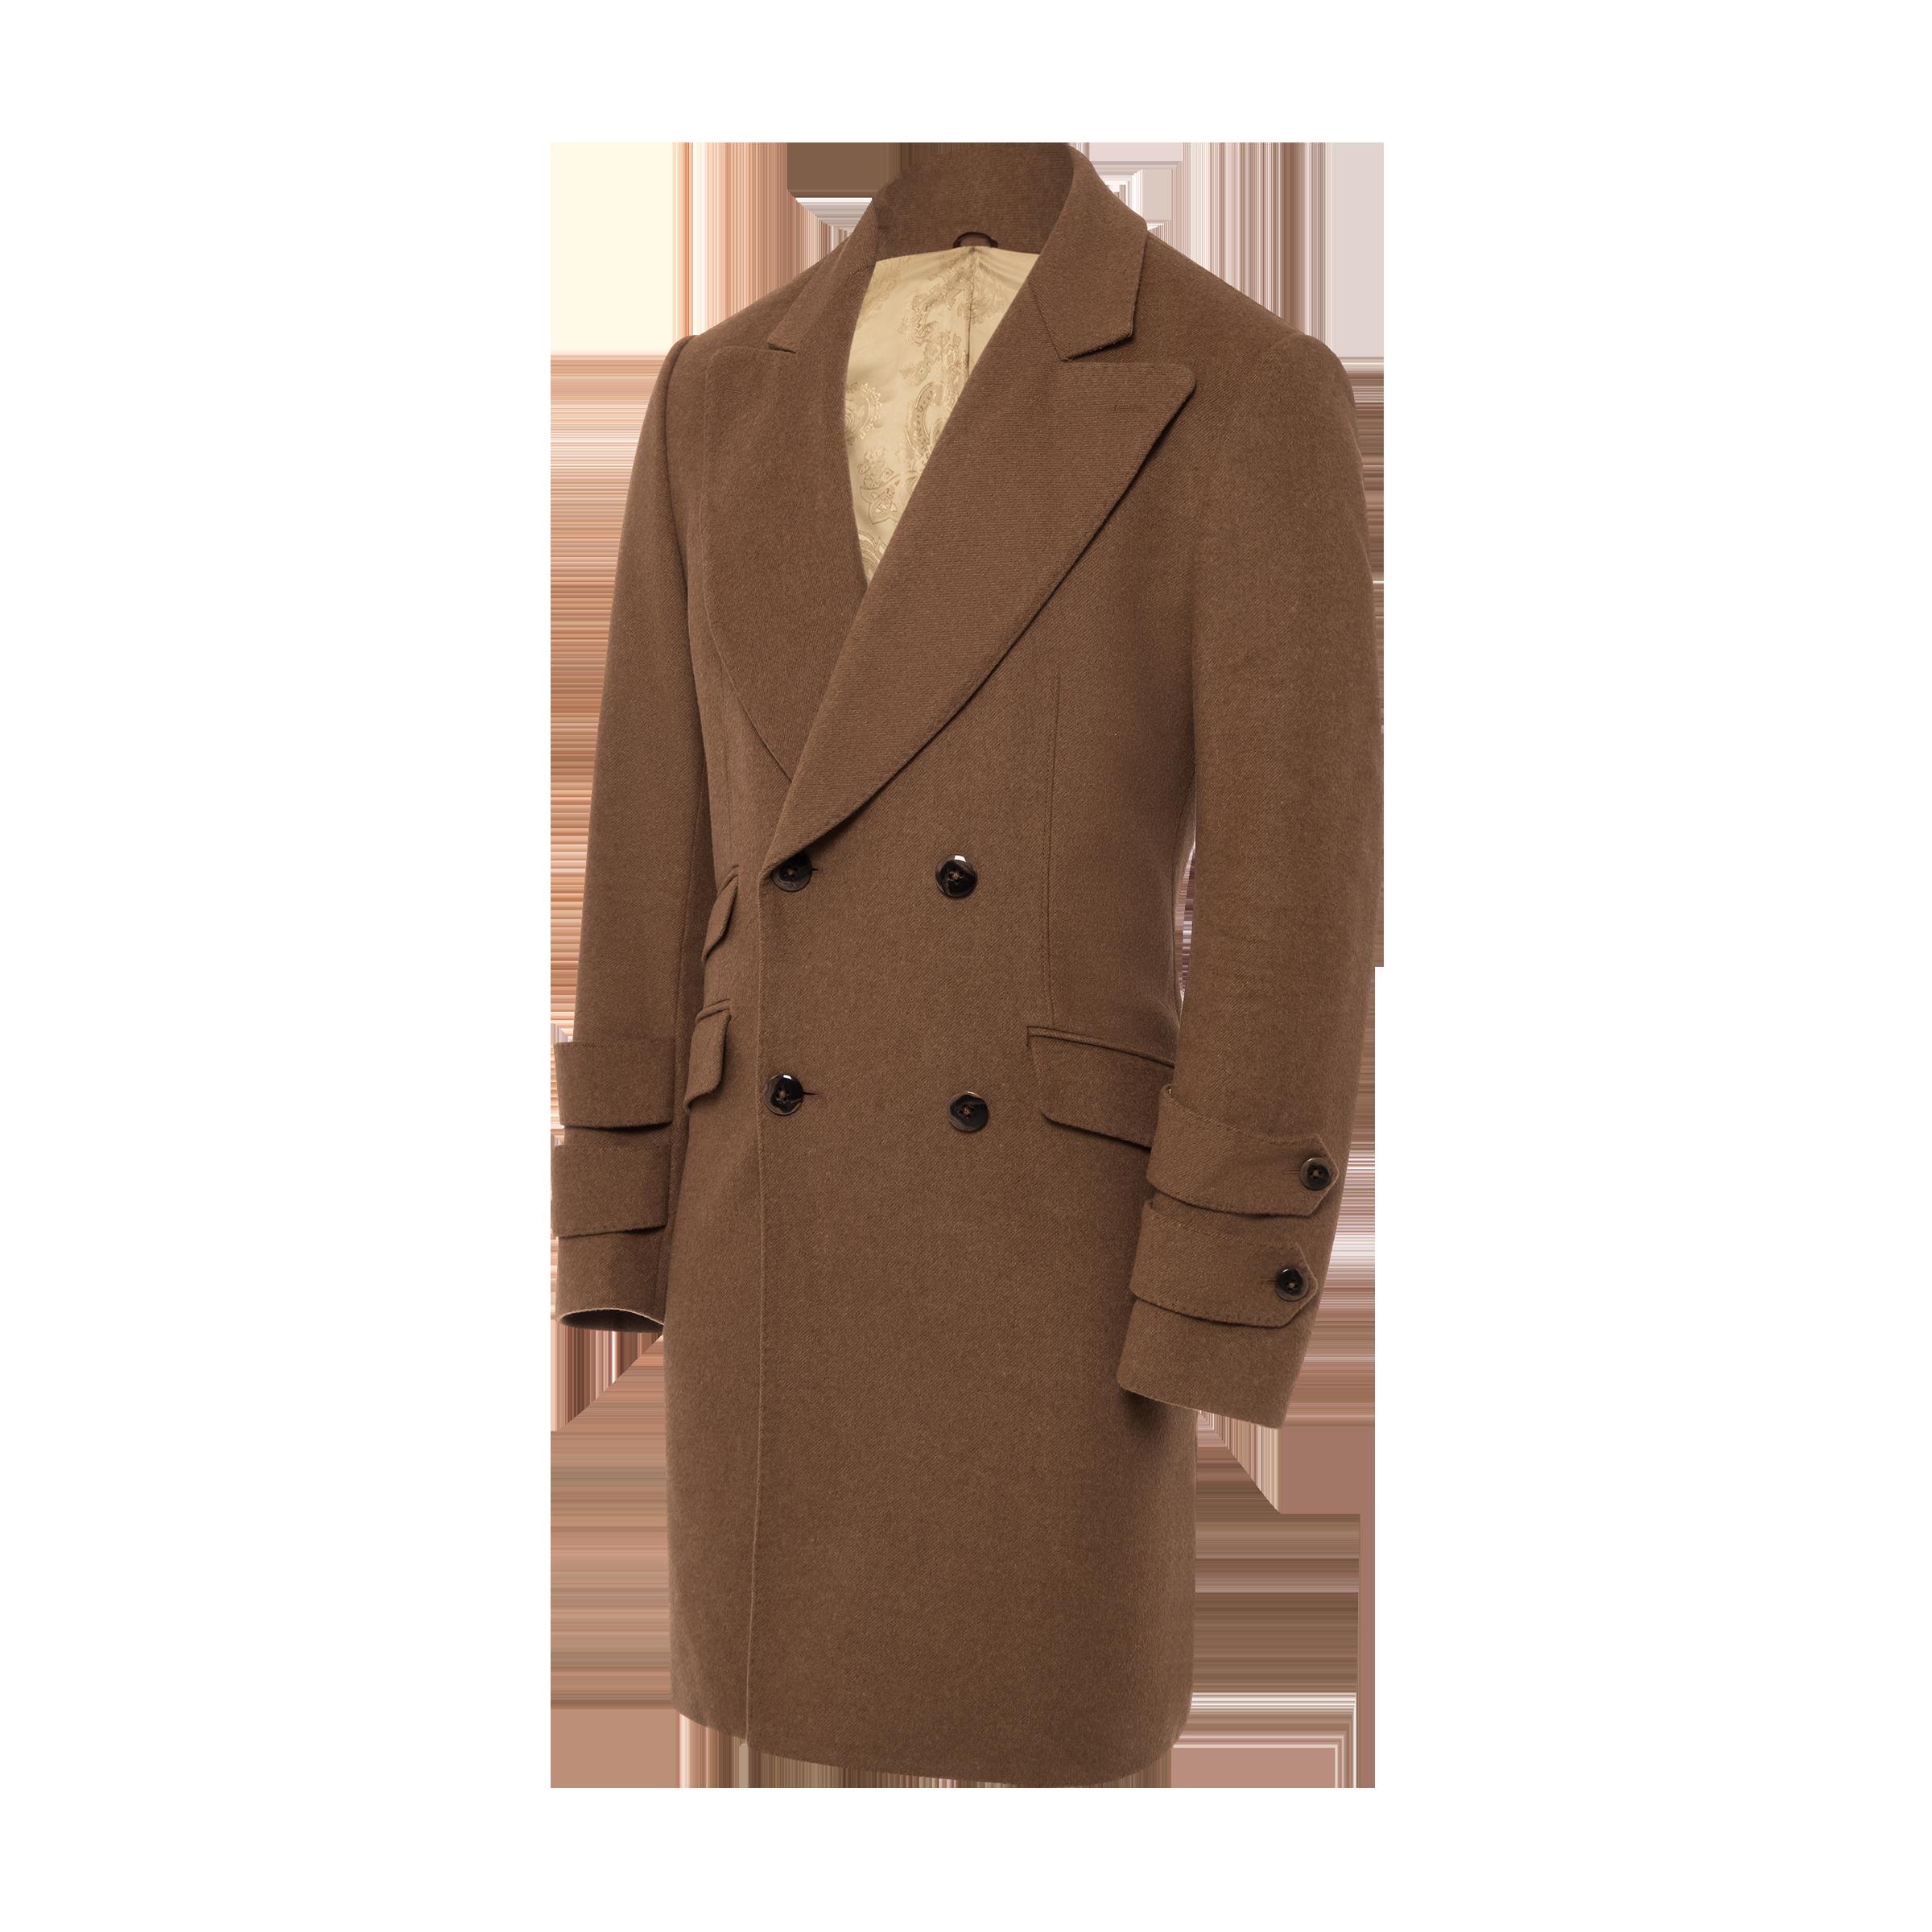 Coats product image